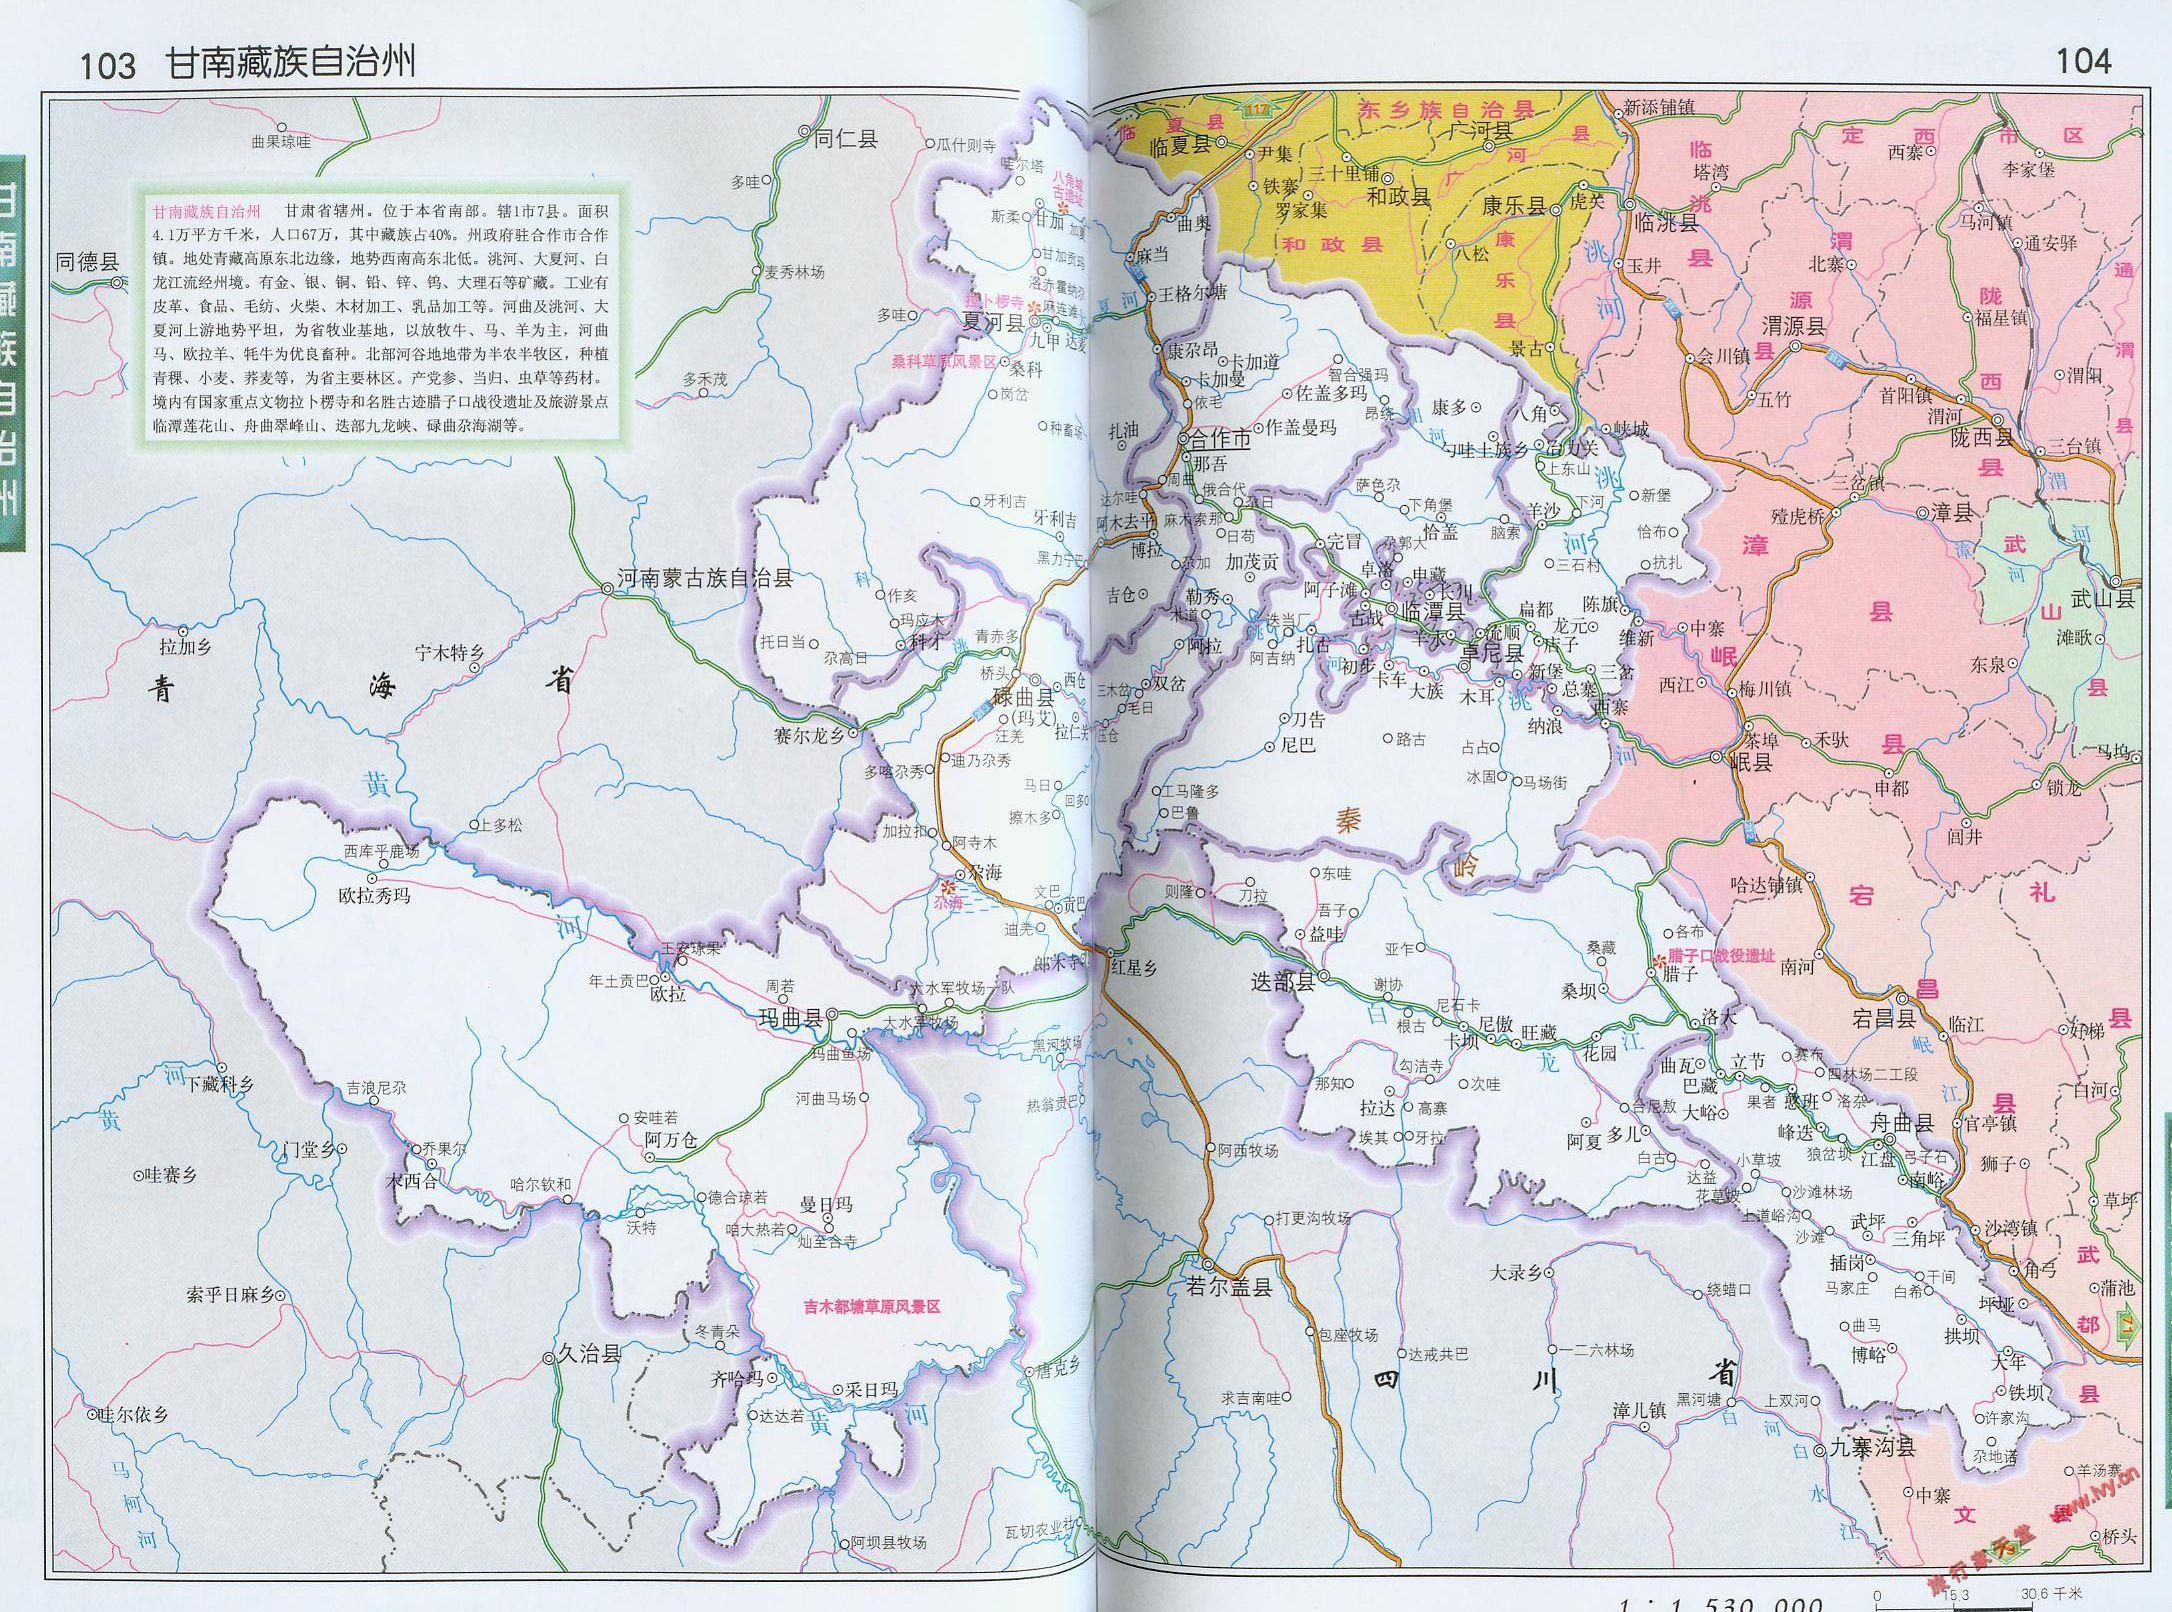 地圖:甘南藏族自治州地圖